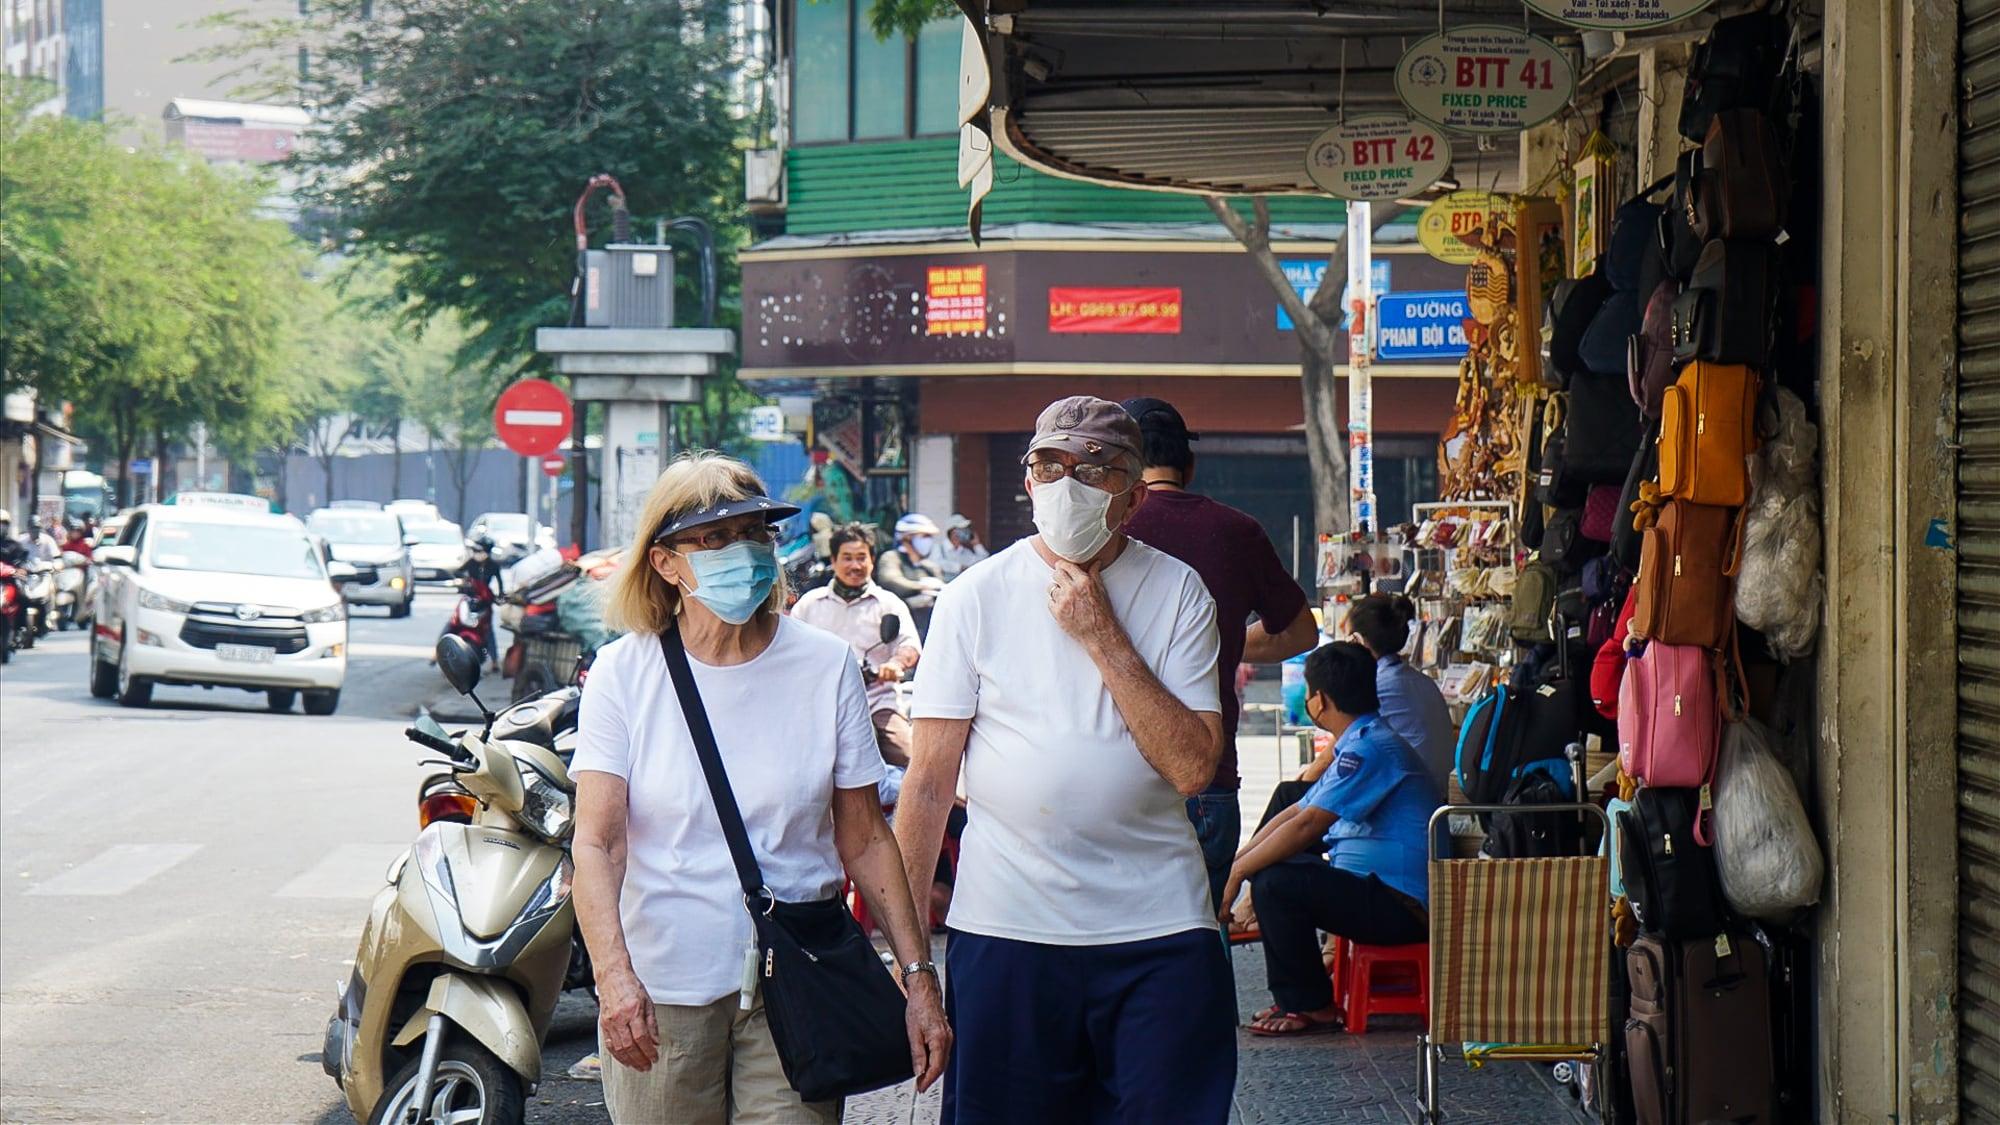 Vắng Tây, không múa quạt: 6 Nét lạ của Sài Gòn mùa dịch-4